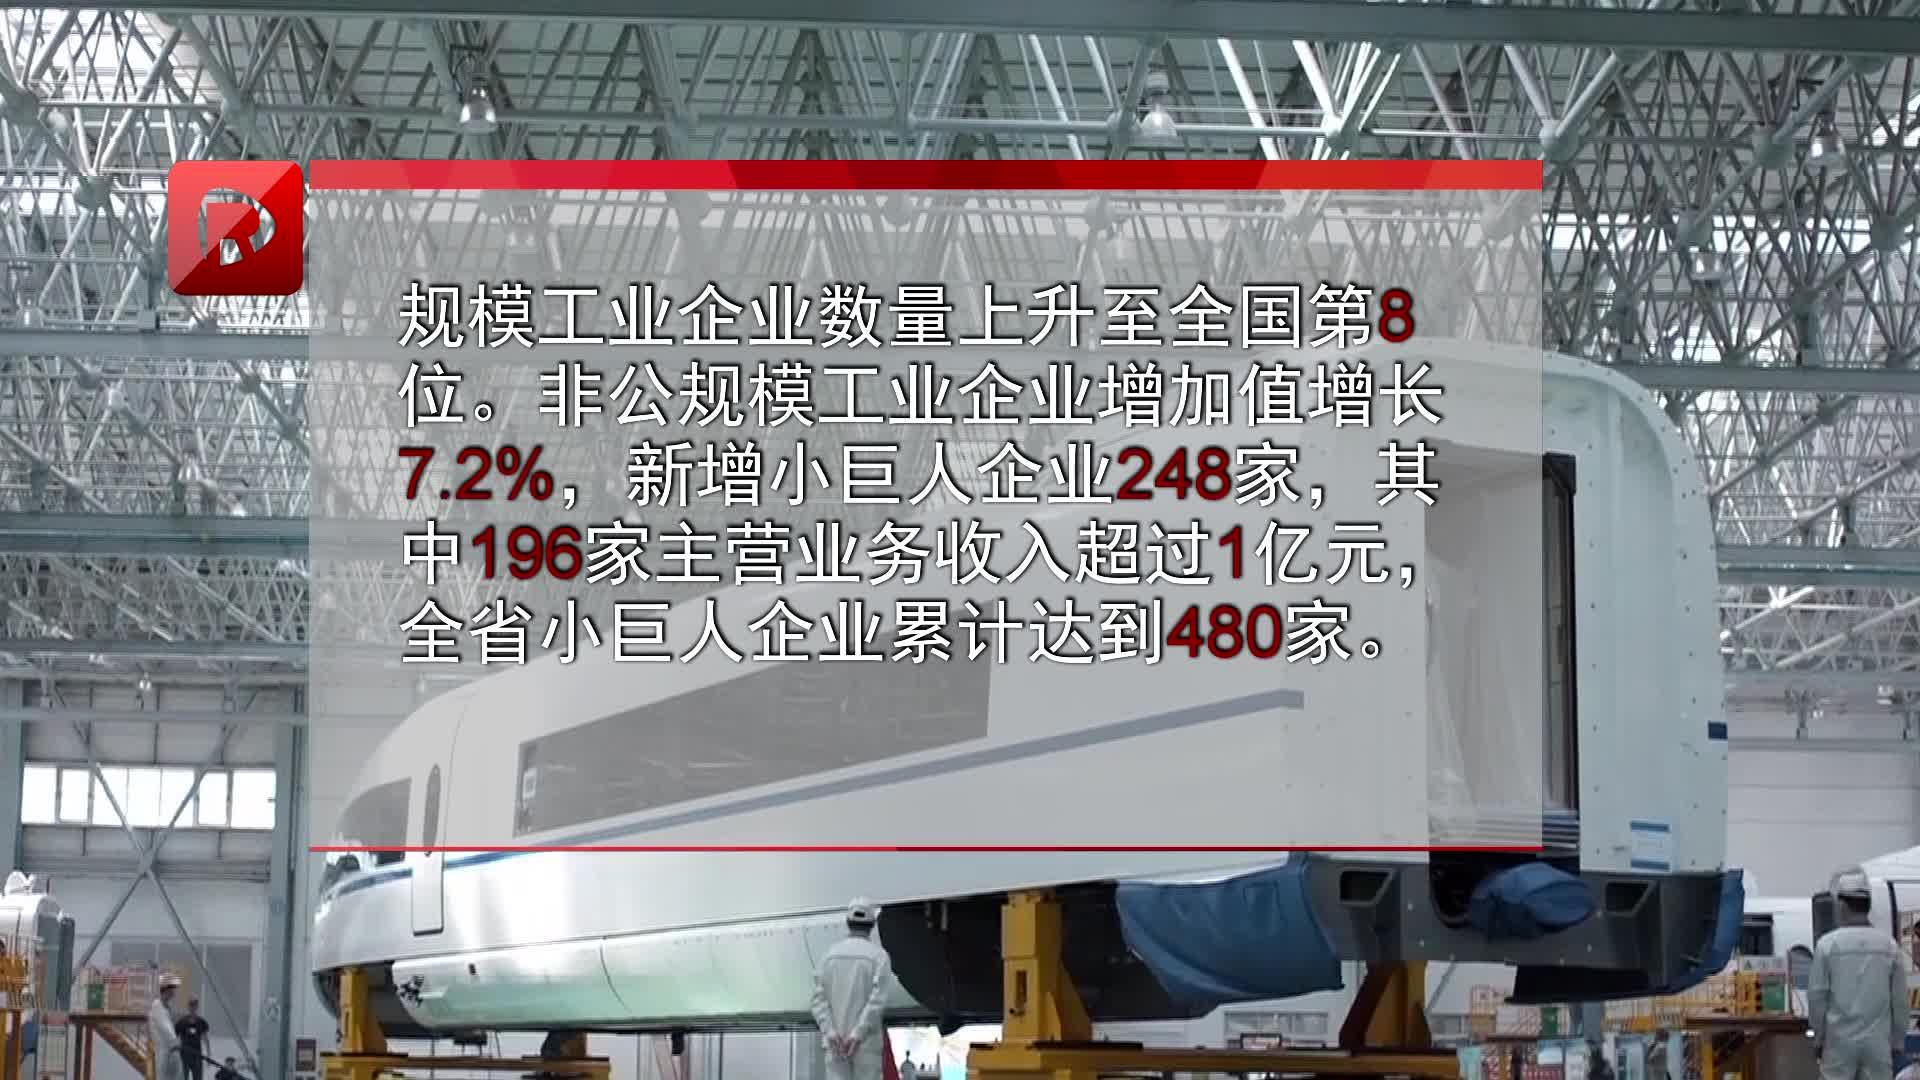 盘点2018湖南省工业经济:增速高于全国平均 排位继续前移